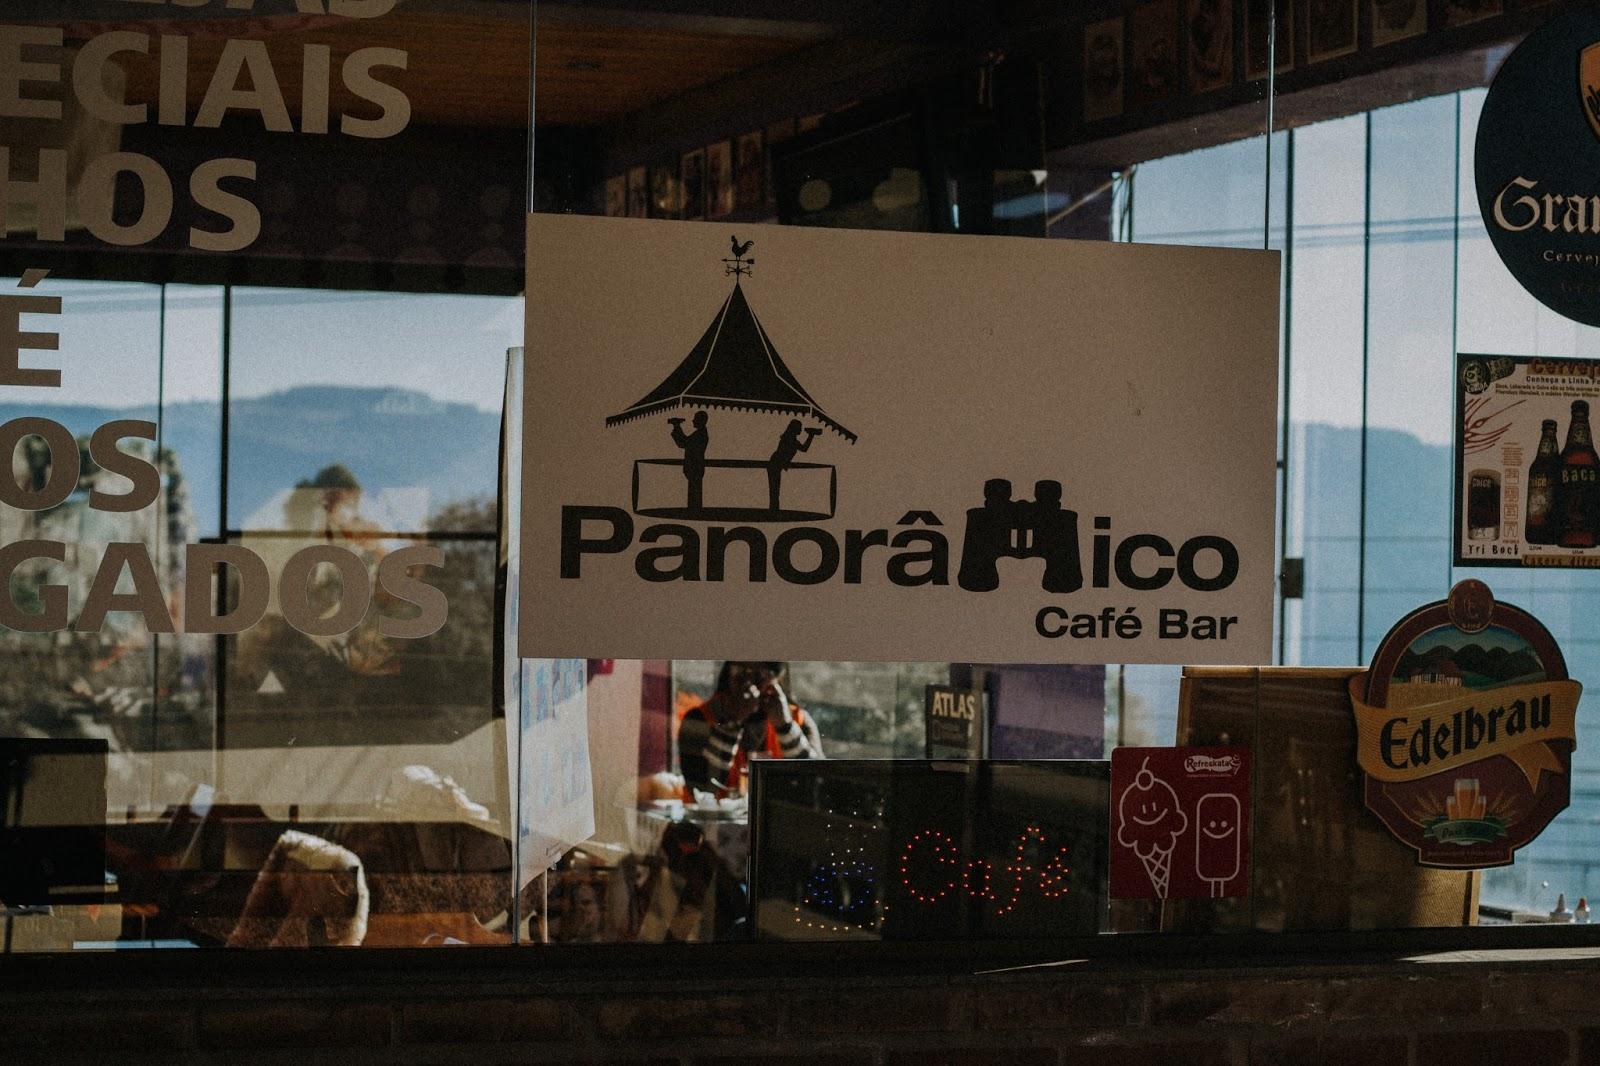 Serra Gaúcha: Um pouquinho de Nova Petrópolis - A segunda parada que fizemos em Nova Petrópolis foi passando o centro dela em direção a Gramado. Aproveitamos a parada para comer algumas gordices, esticar as pernas e encontramos esse local incrível. Nele tem algumas lojas de produtos locais, lojinhas de malhas, cosméticos, couros e um café Panorâmico com uma vista de tirar o folego.  Esse café fica bem em frente ao vale e possui uma varanda com cadeiras altas e bancada para quem quiser lanchar curtindo a vista. Se você quiser, eles também oferecem um empréstimo de binóculo para ter uma melhor vista do vale.